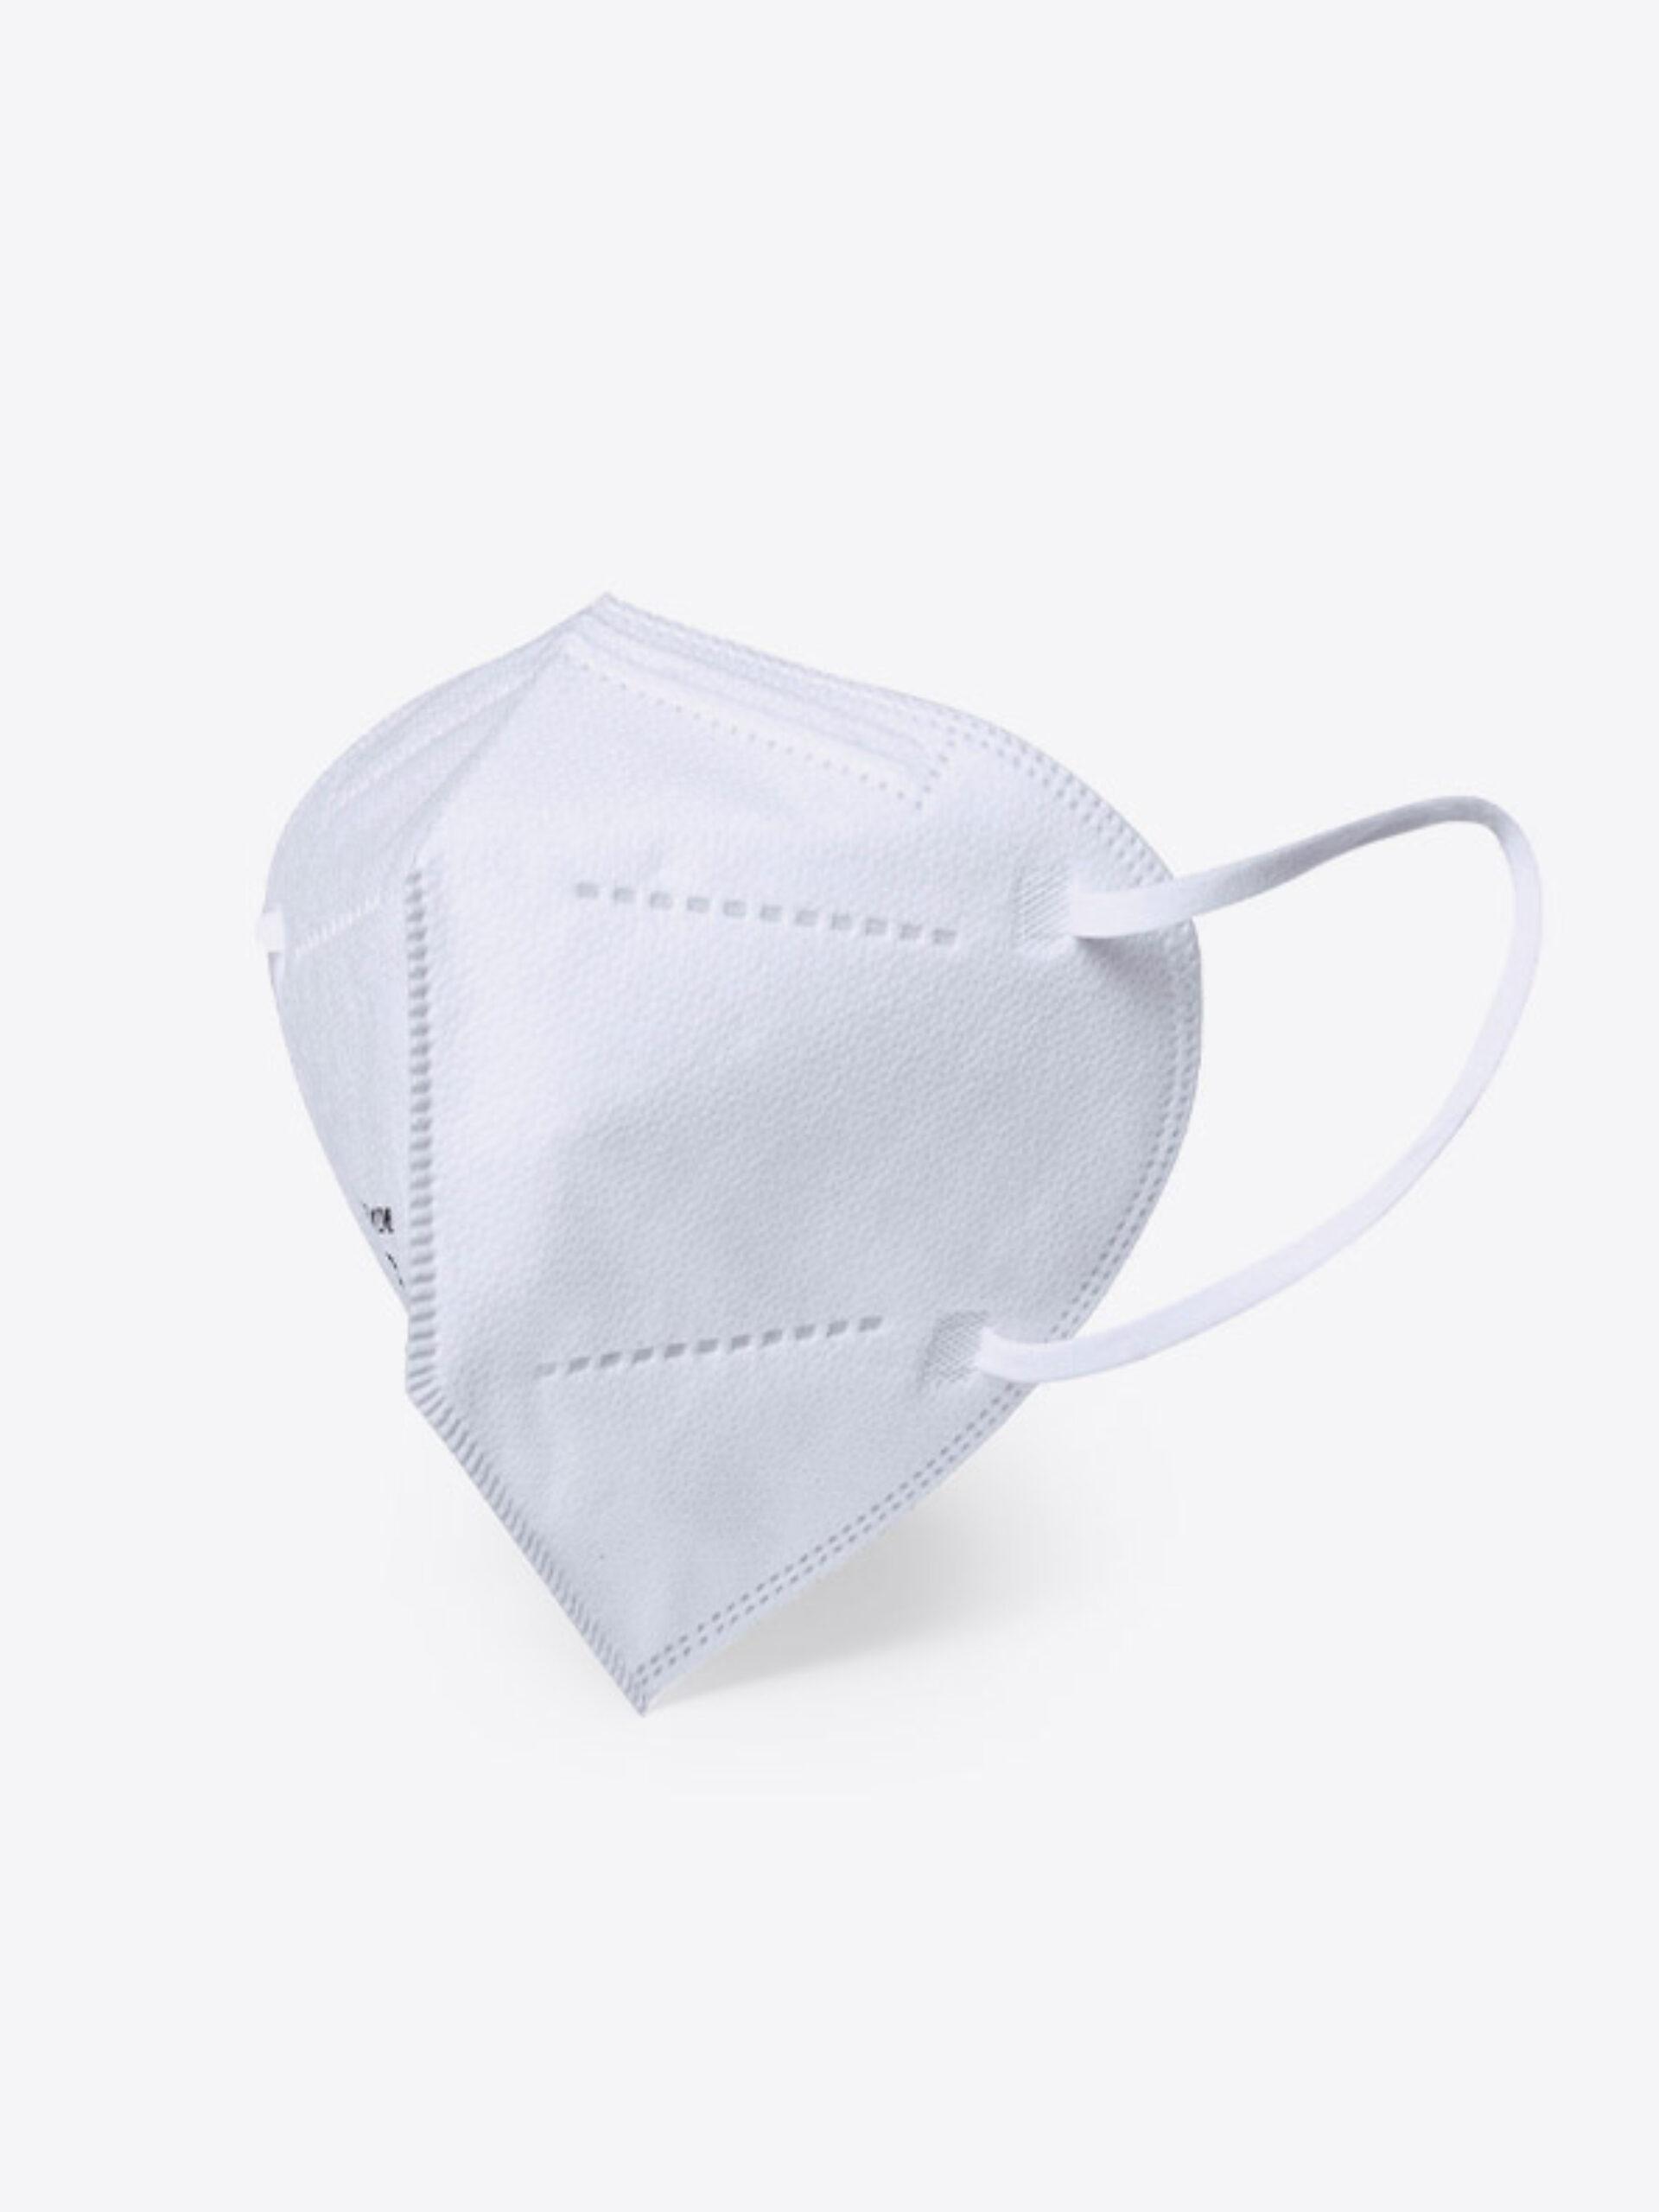 Ffp2 Schutzmaske Einwegmaske Weiss Bestellen